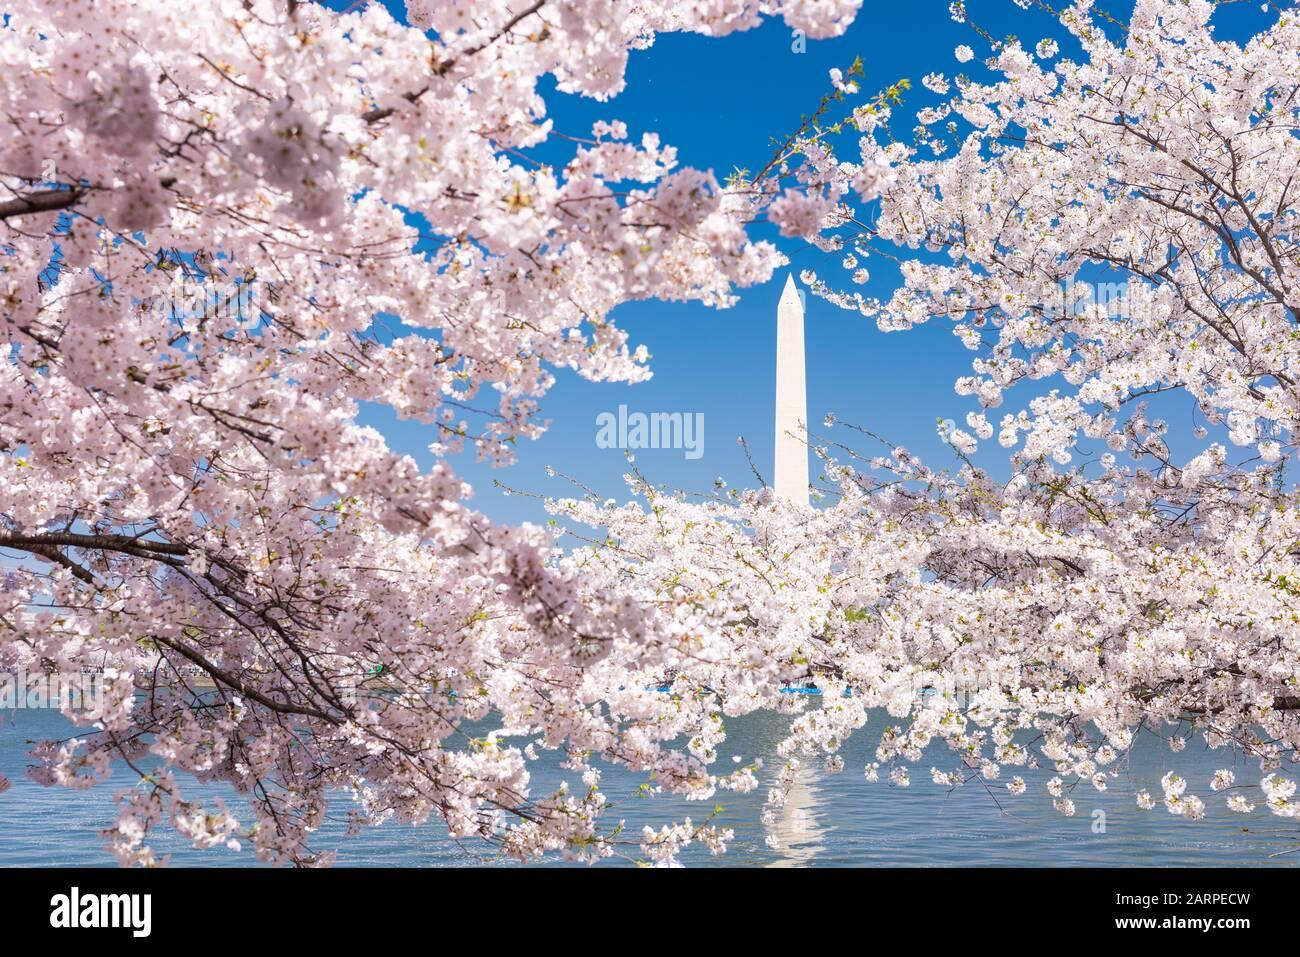 Washington DC, États-Unis avec le Washington Monument entouré de cerisiers en fleurs au printemps. Banque D'Images